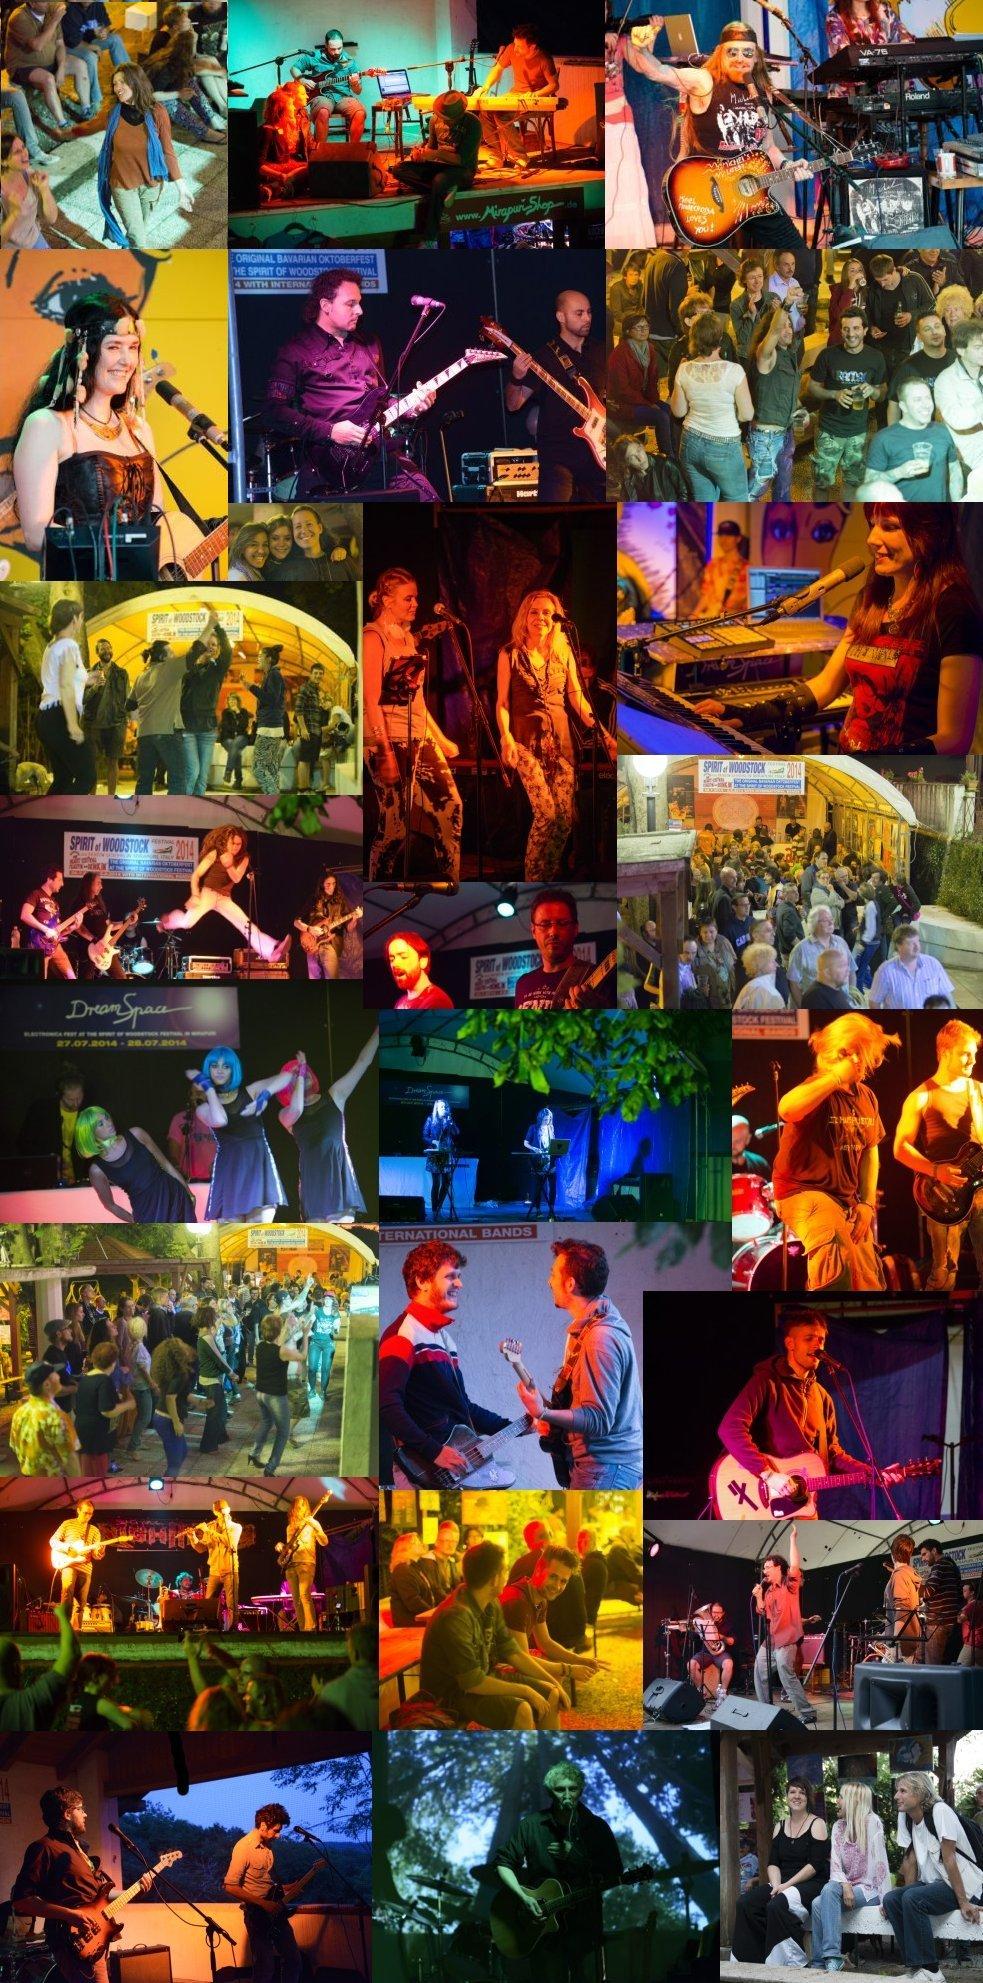 Spirit of Woodstock Festival 2014 Collage